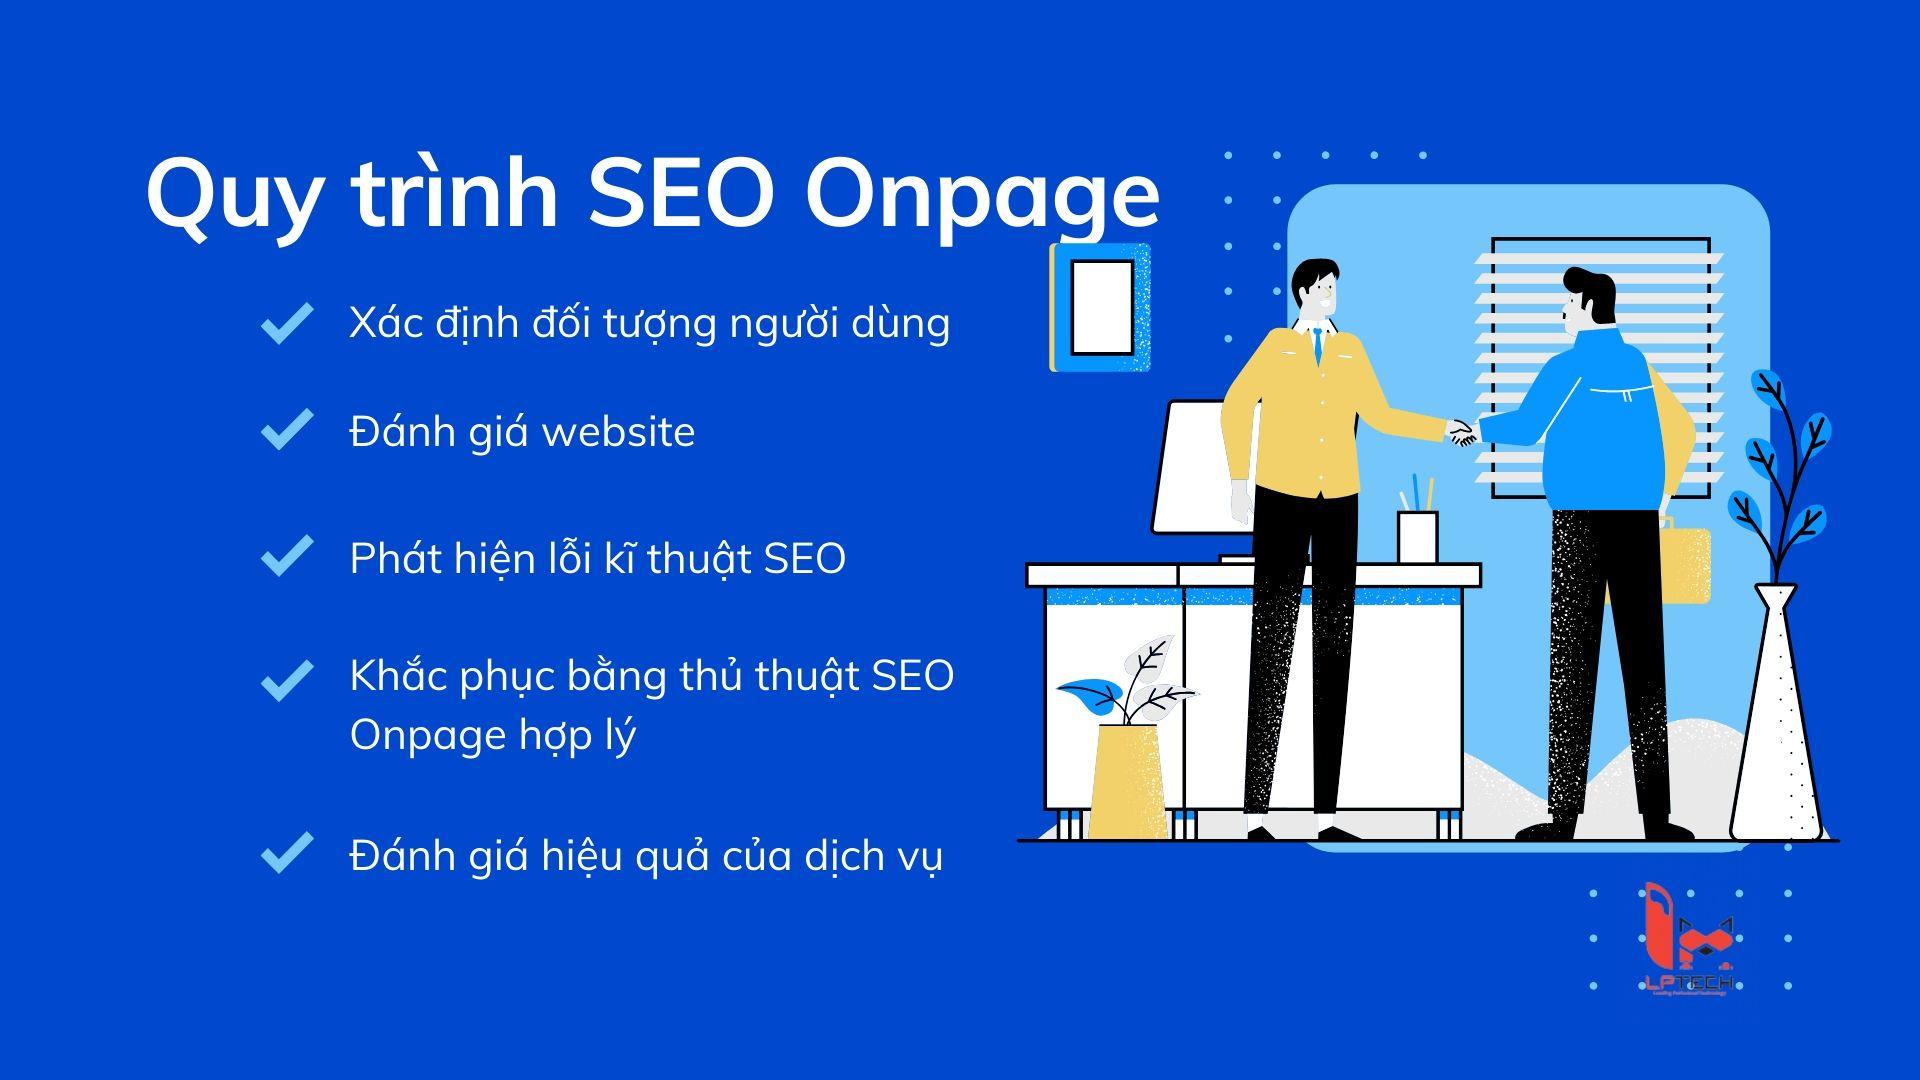 Quy trình dịch SEO Onpage ở LP Tech